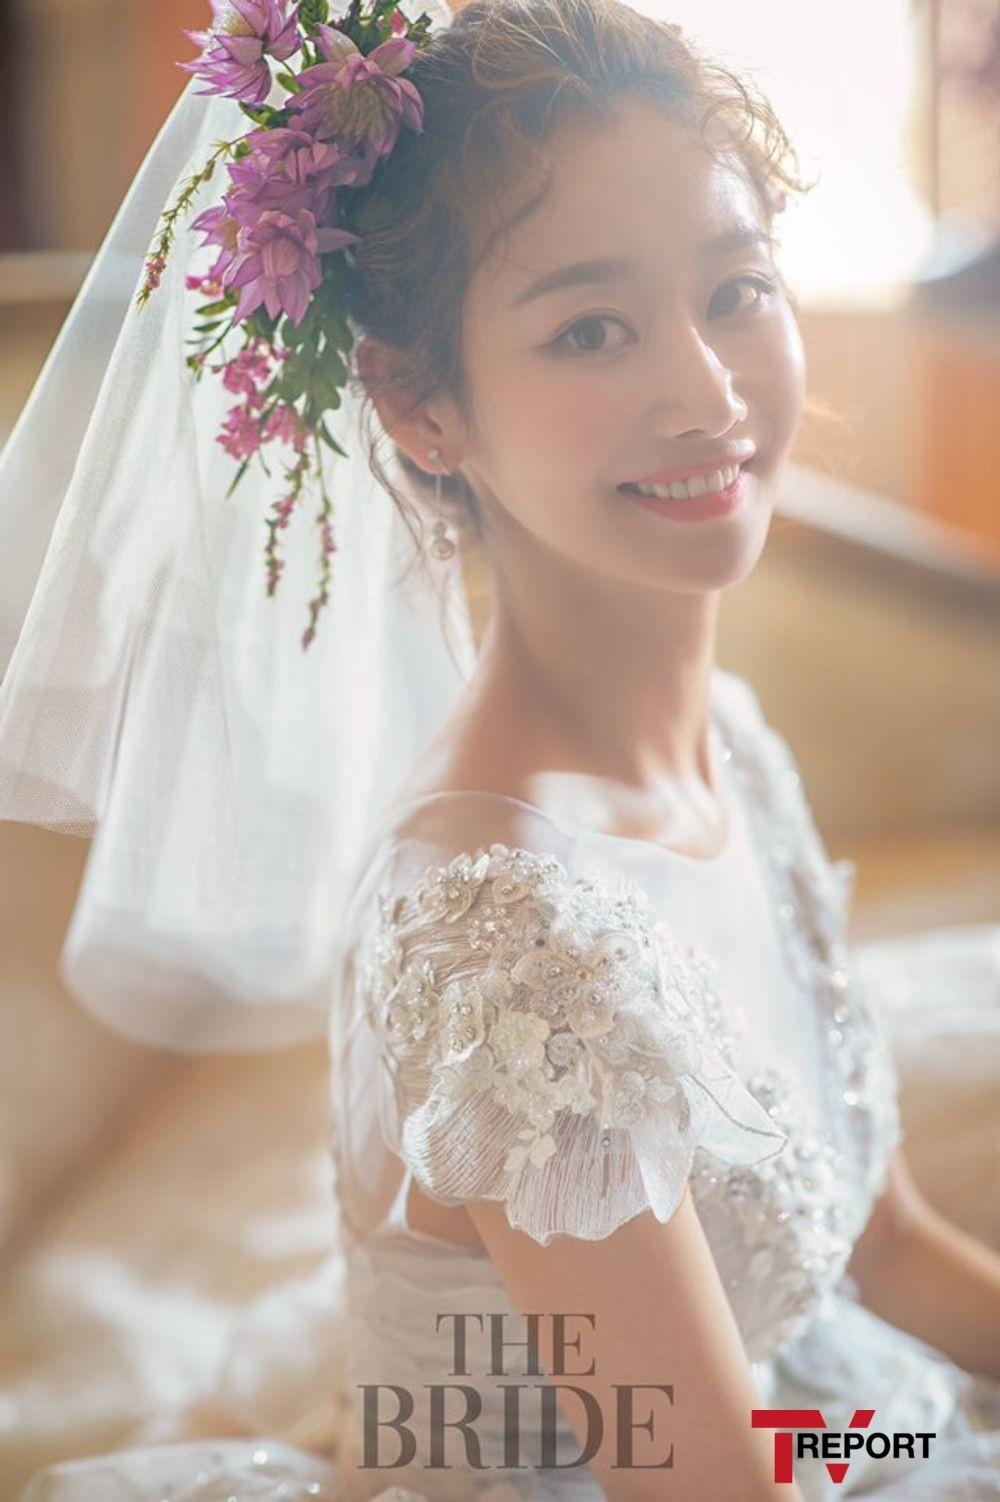 [단독] 금미, 2월 23일 결혼...소율 이어 크레용팝 두번째 품절녀 (종합)